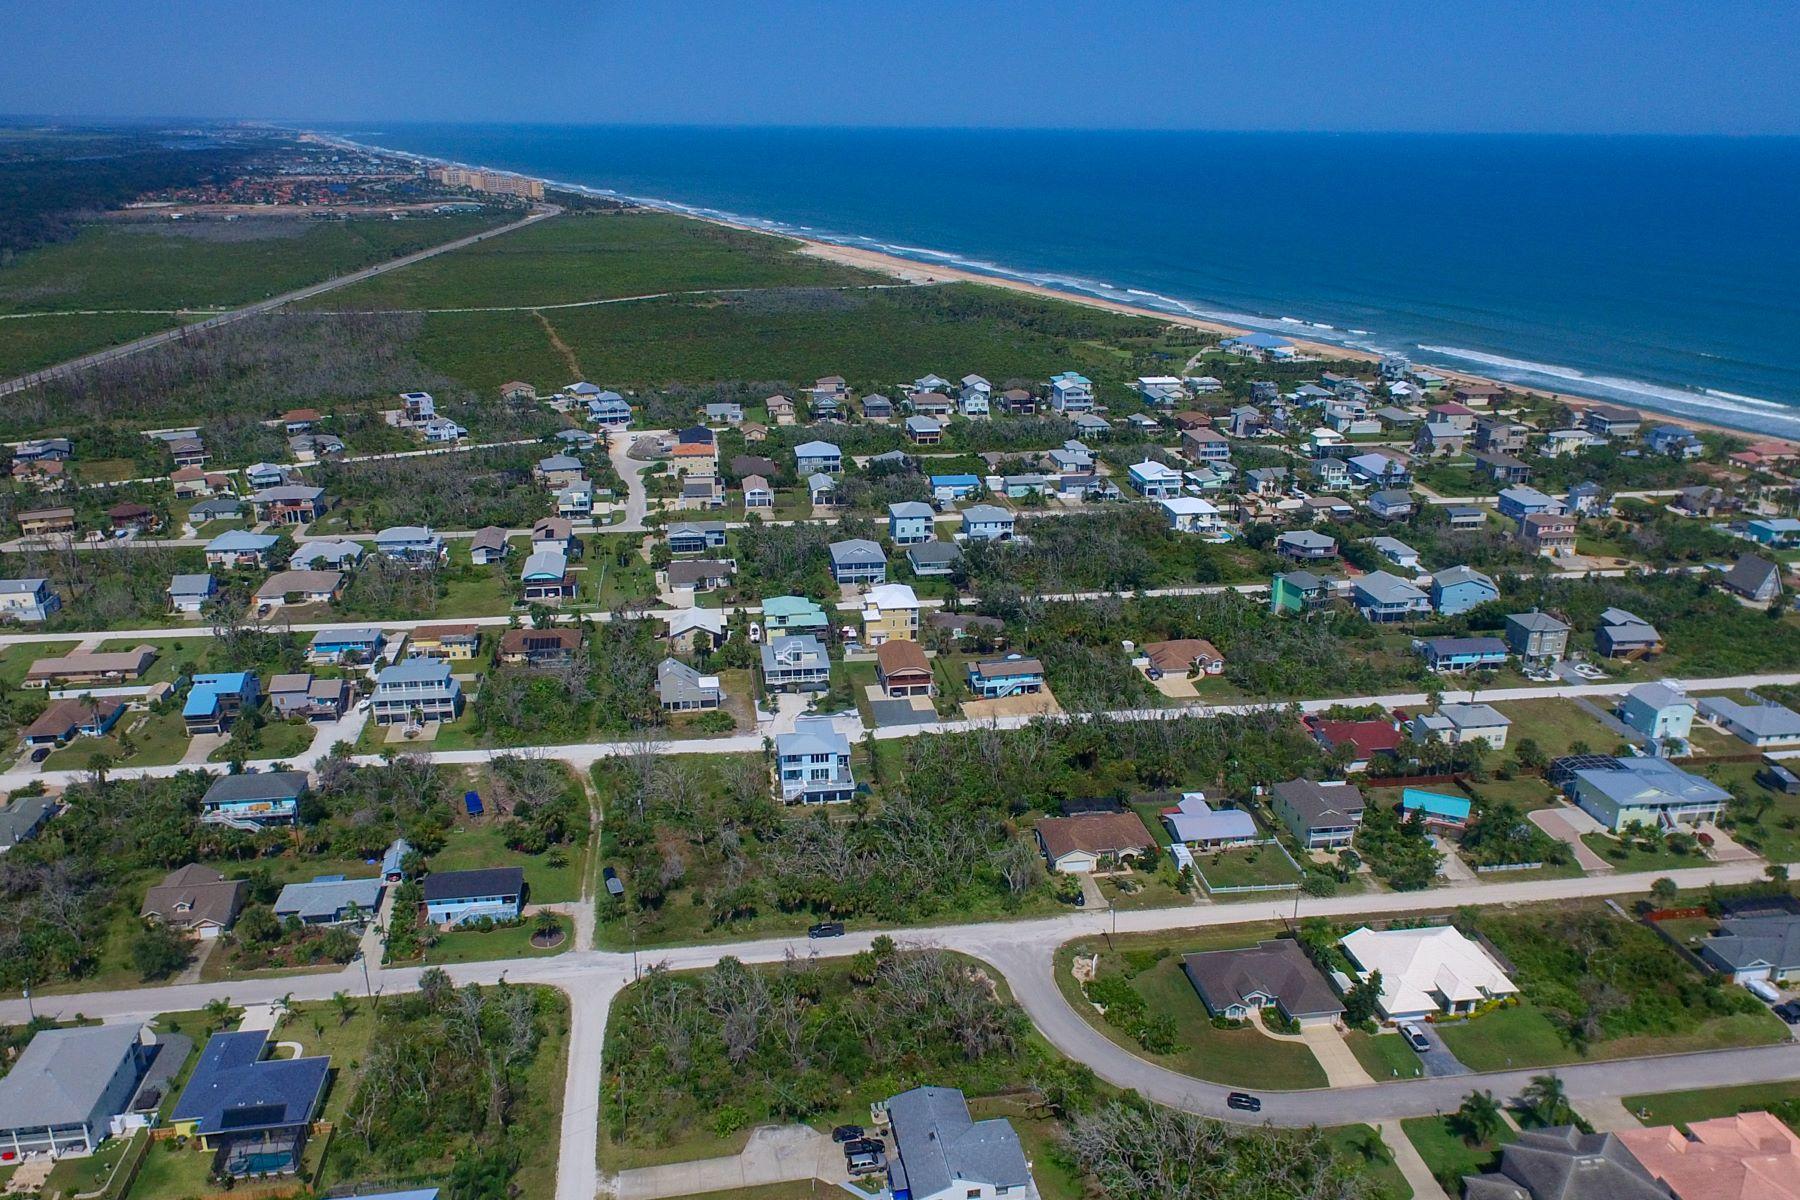 土地,用地 为 销售 在 Build Your Dream Home on This Over-Sized Lot Just Steps from the Beach! 7 Central Avenue 棕榈海岸, 佛罗里达州 32137 美国